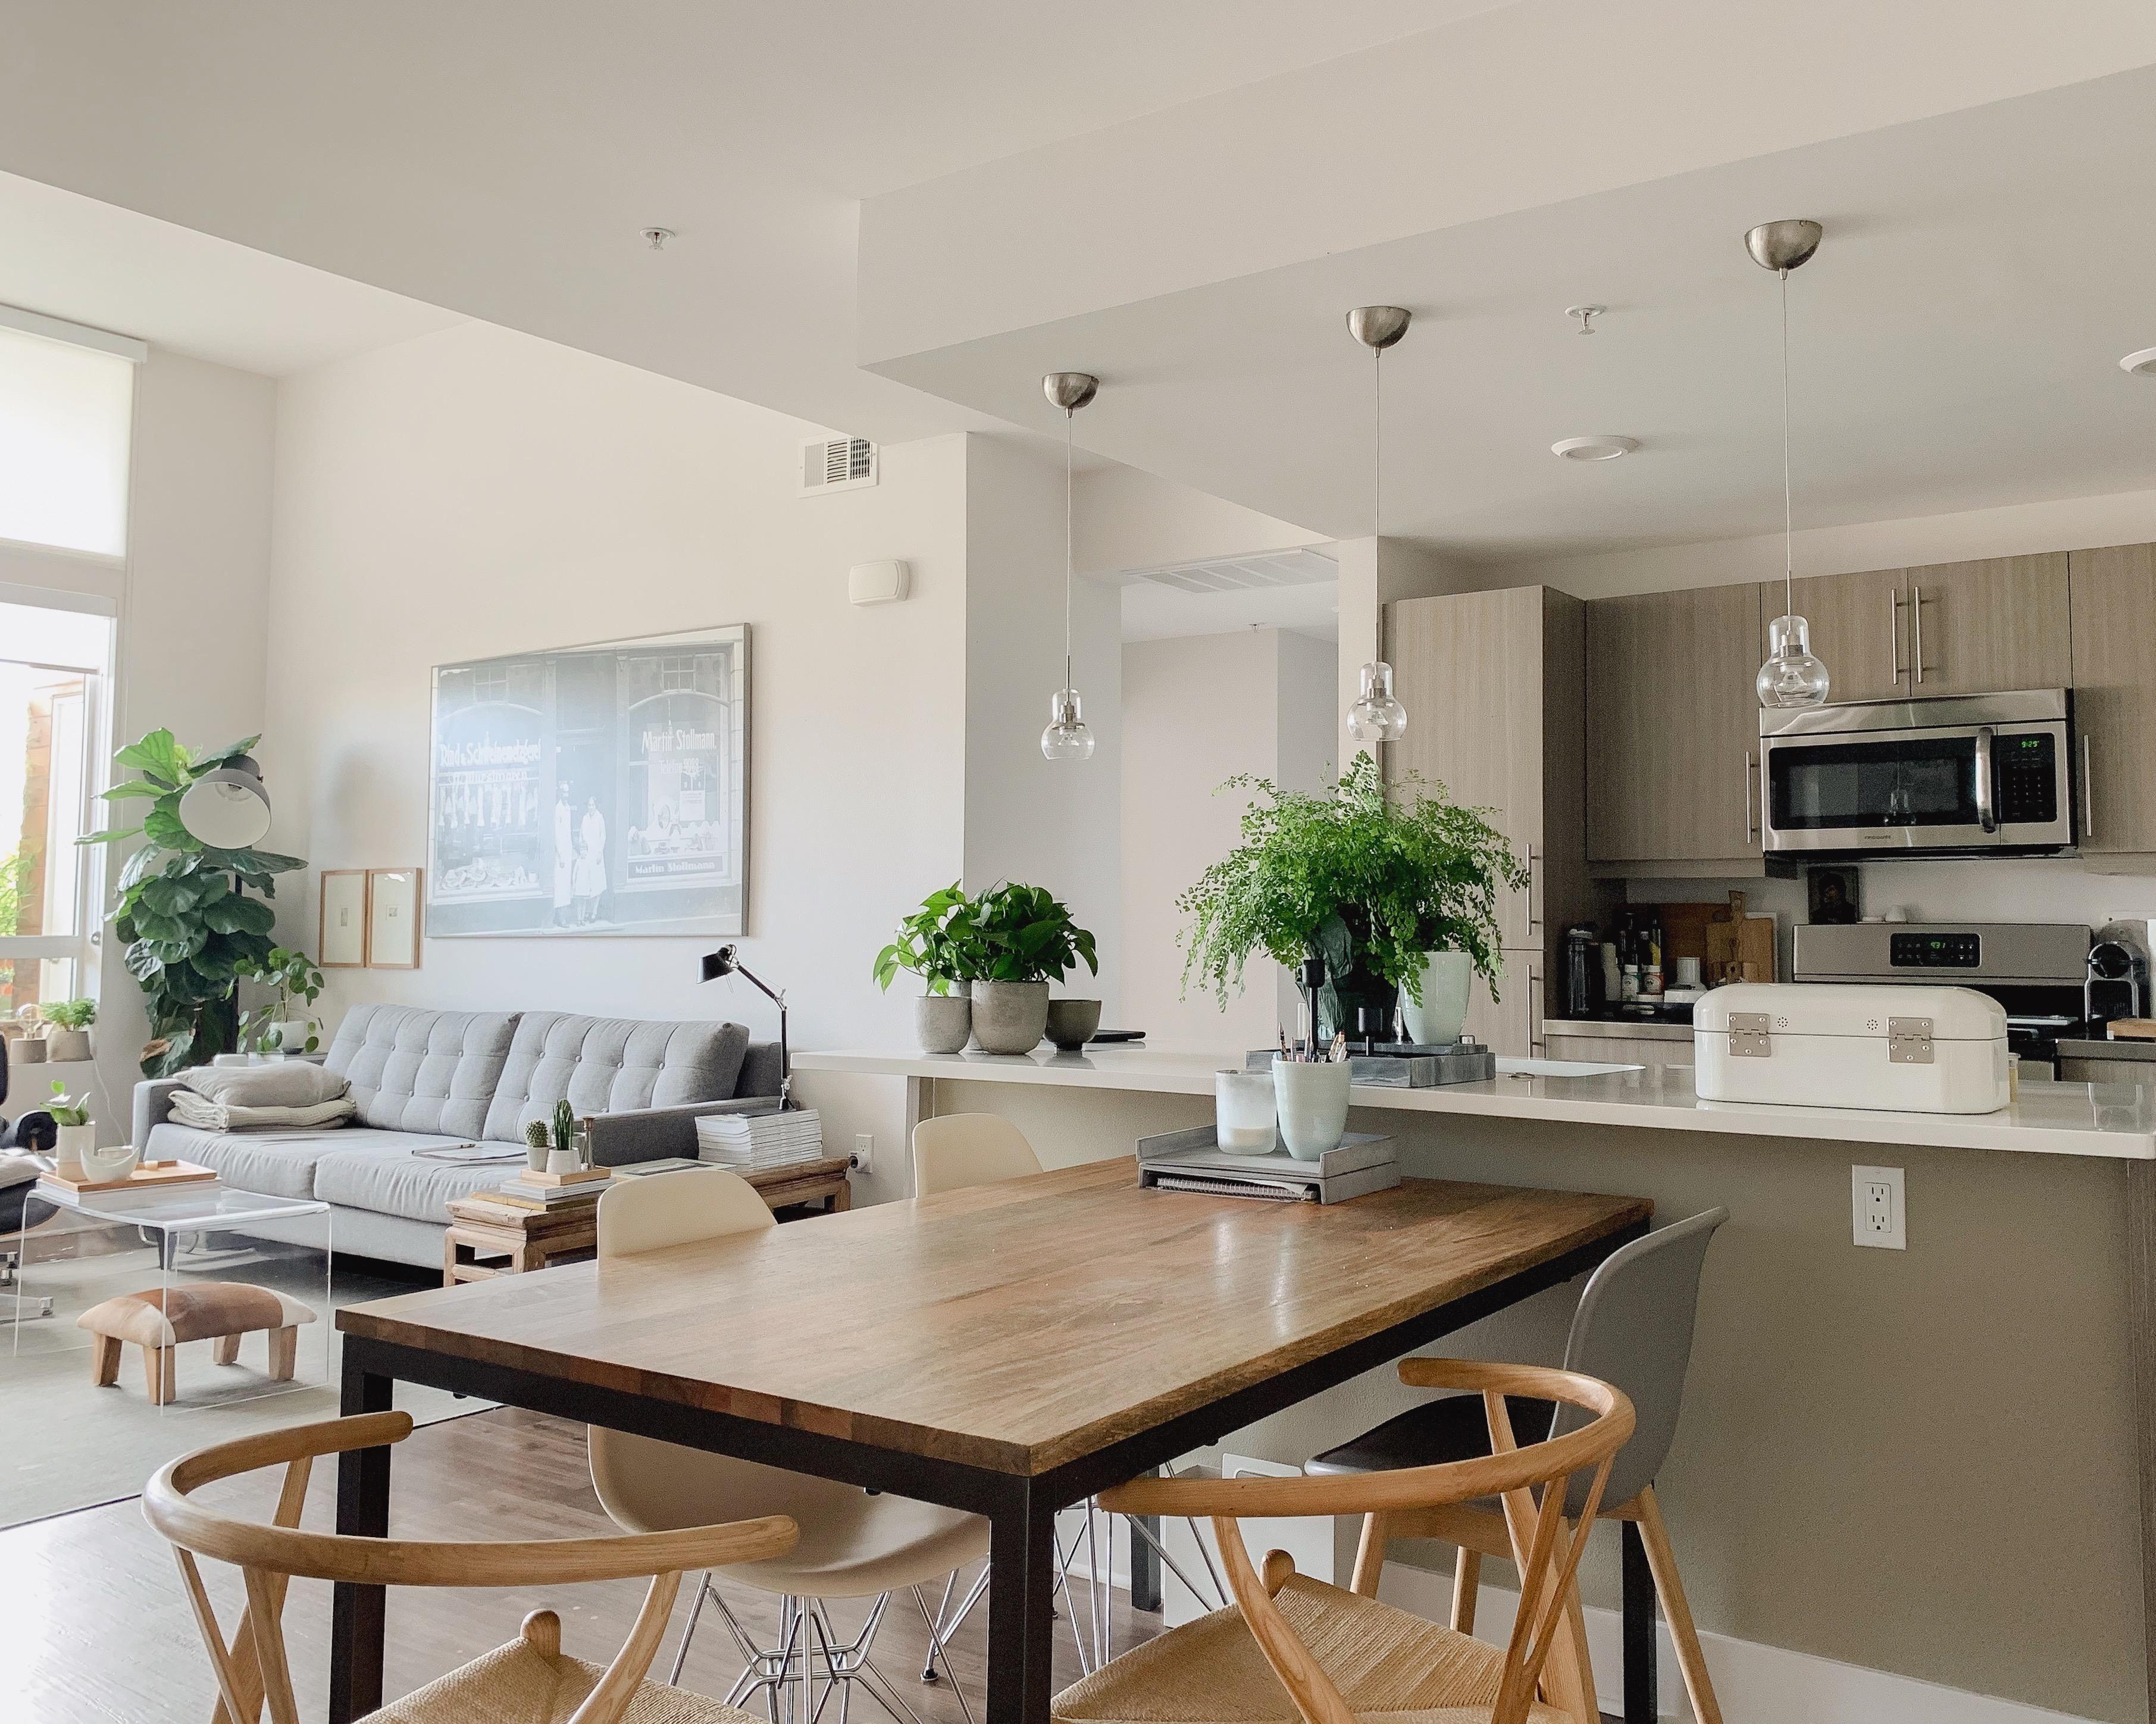 Offene Kuche Wohnzimmer Modern Küche Ideen So Schön Können